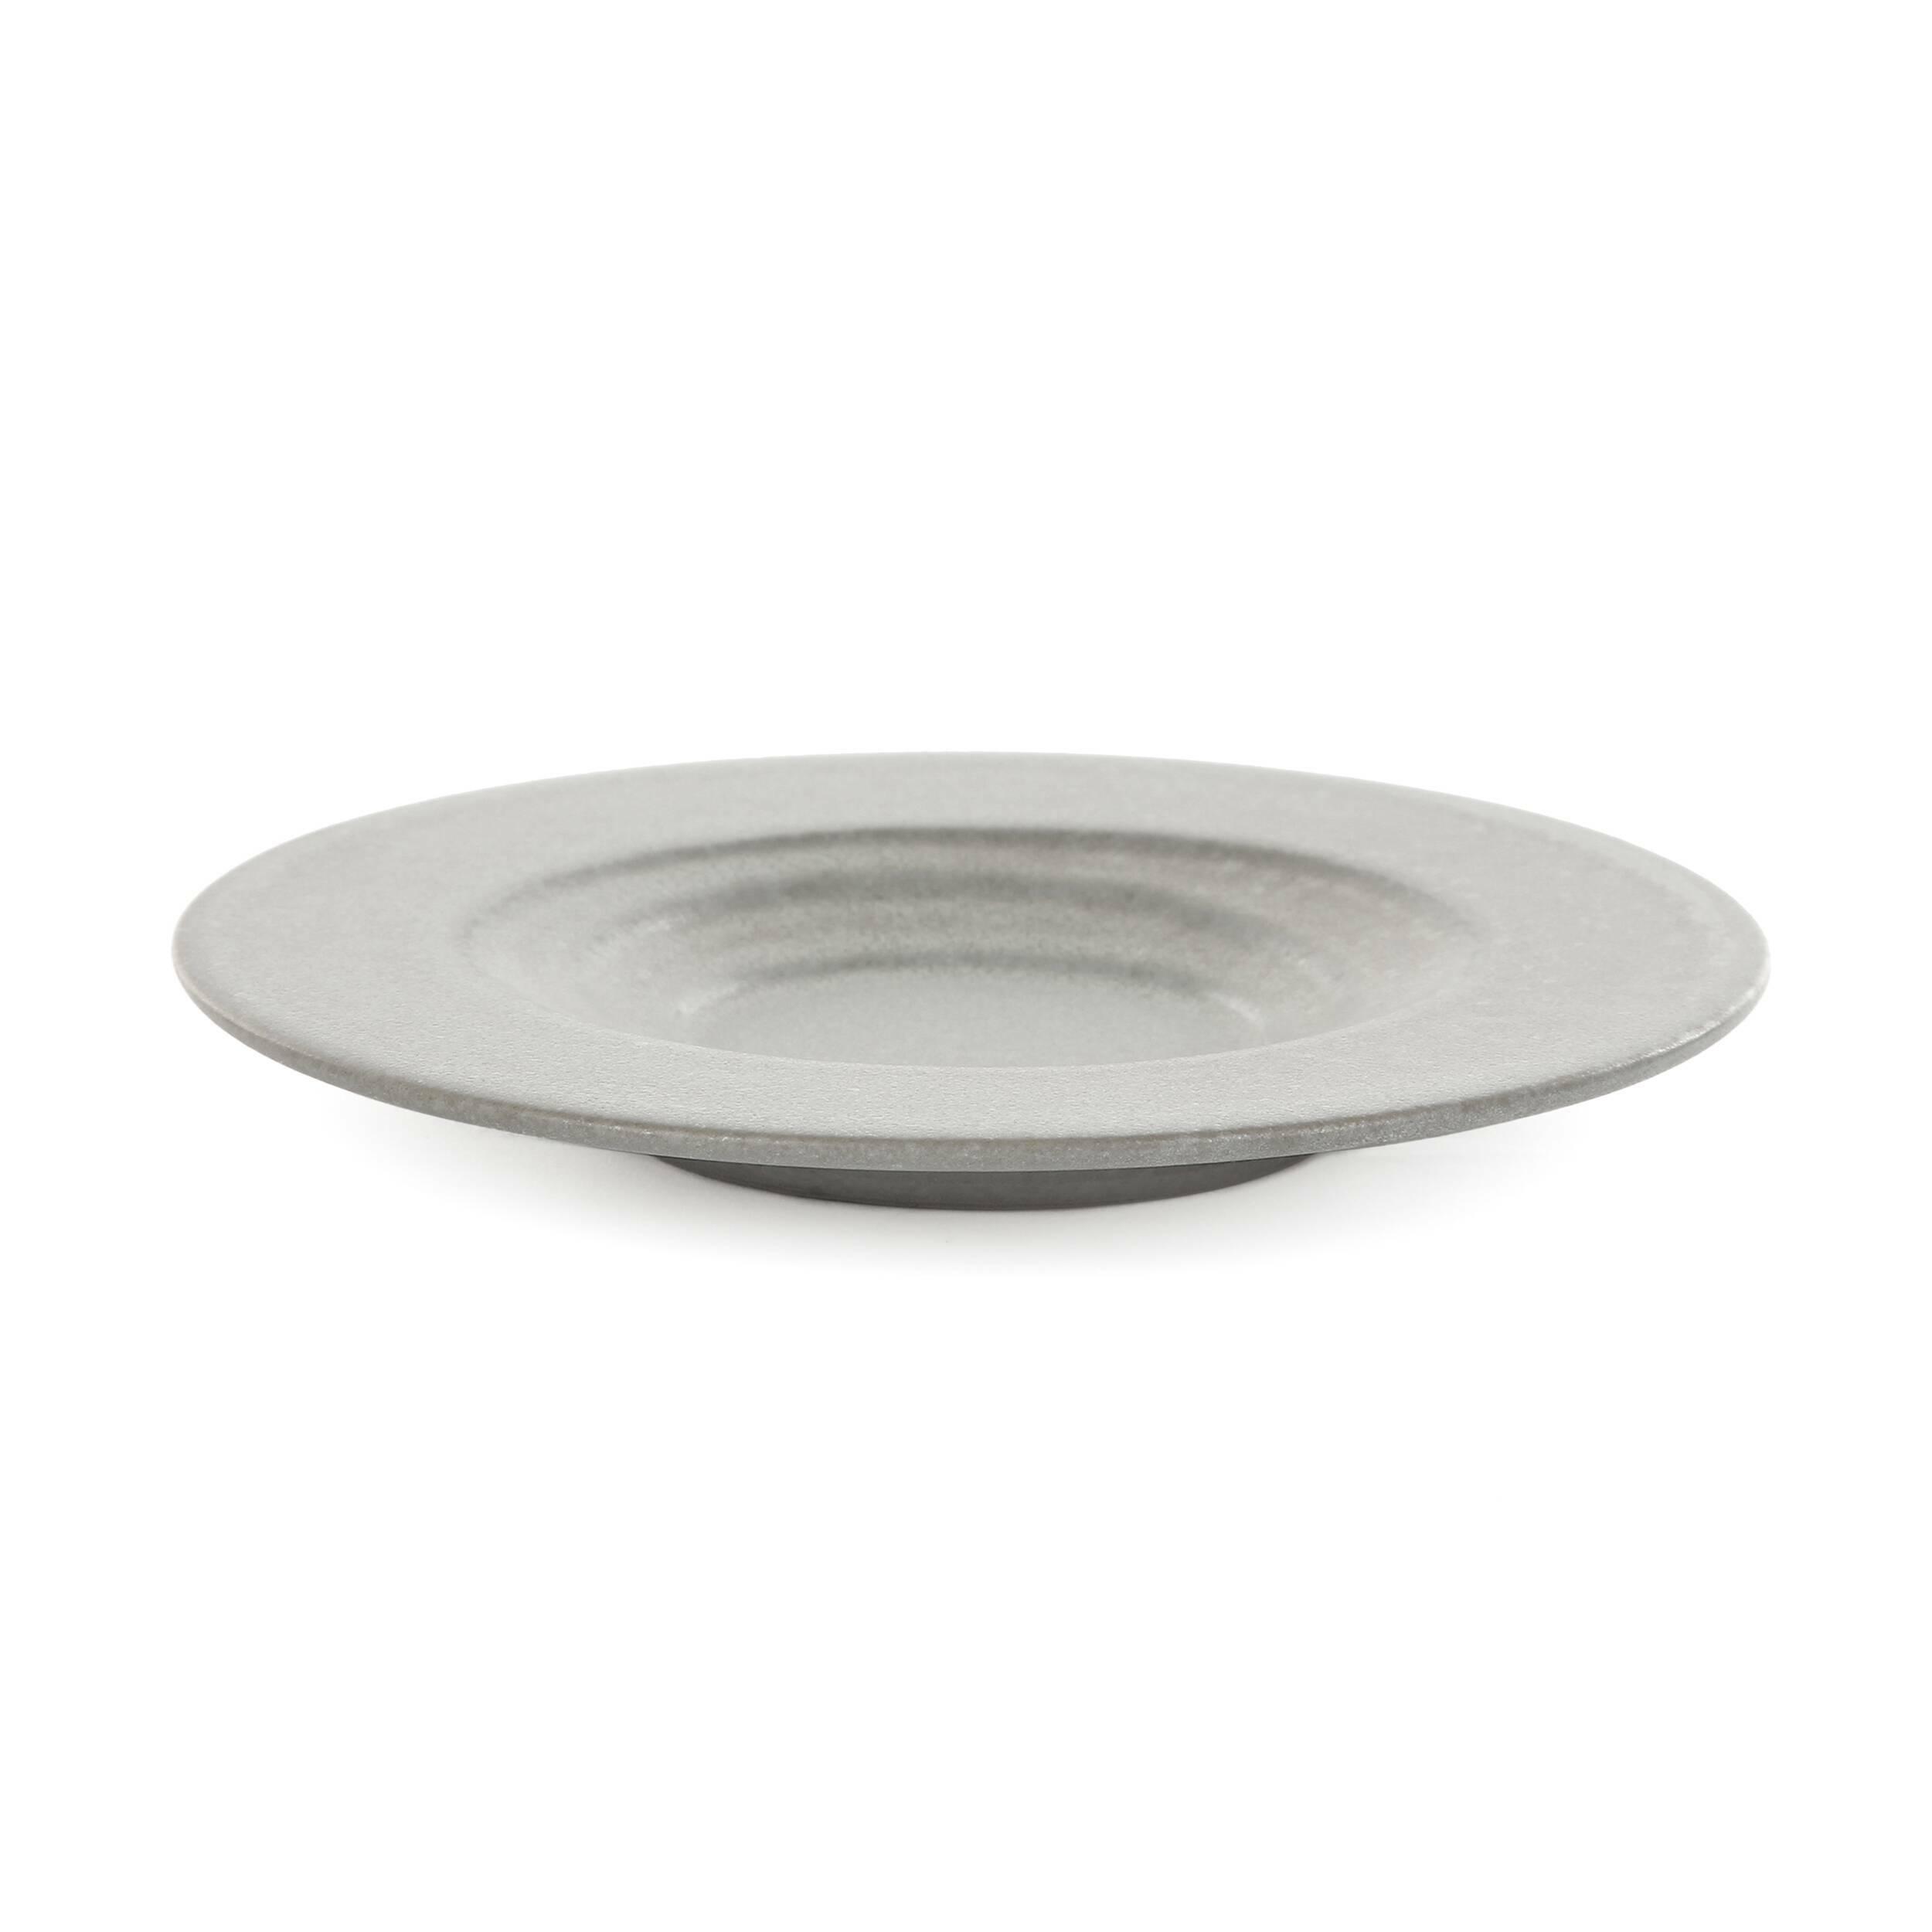 Блюдо для суши Isamu диаметр 16,5Посуда<br>Коллекция Isamu представляет собой прекрасный набор посуды для суши и различных соусов – мечта для истинных ценителей восточной культуры и кулинарного искусства. Изделия отличаются минималистичностью и утонченным стилем, их дизайн призван подчеркнуть и правильно преподнести приготовленное блюдо.<br><br><br> Дизайнеры коллекции выбрали для ее создания природный, экологически чистый материал – глину. Изделия из этого материала всегда источают тепло и уют и создают особую положительную атмосферу в...<br><br>stock: 234<br>Высота: 2<br>Материал: Глина<br>Цвет: Серый<br>Диаметр: 16,5